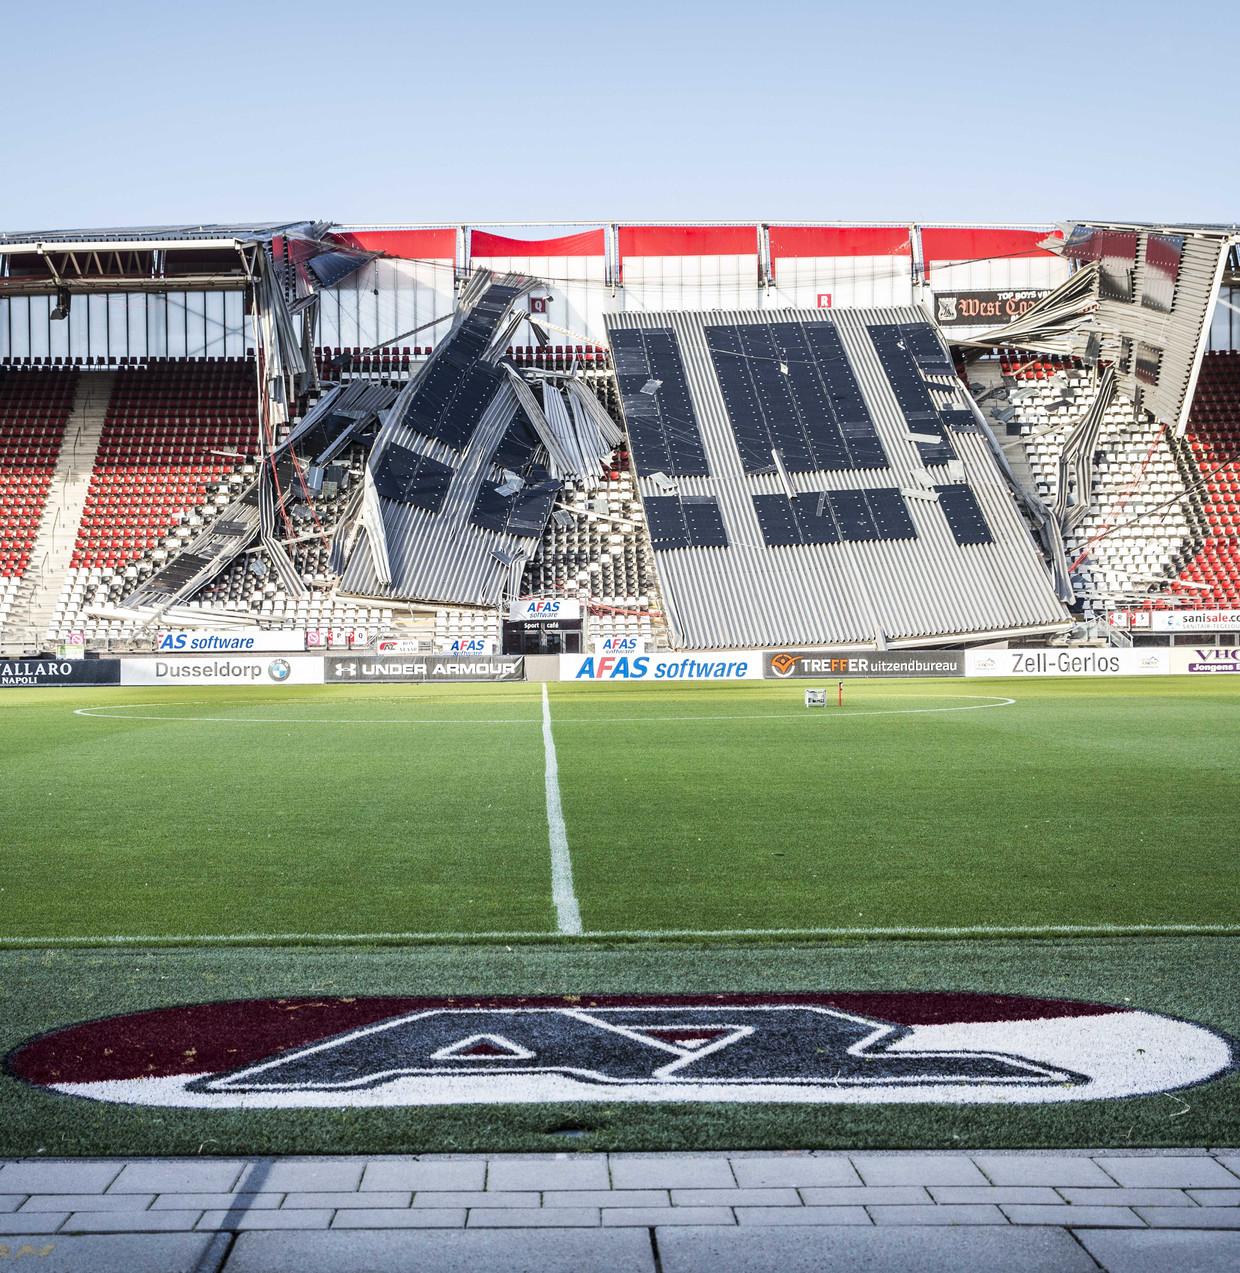 Nadat het dak van het AZ-stadion vorige week instortte, werd al snel gewezen naar constructeur Siem Romkes: 'Maar ik heb geen moment gedacht dat het aan mijn ontwerp lag. Ik wist dat mijn berekeningen klopten.'